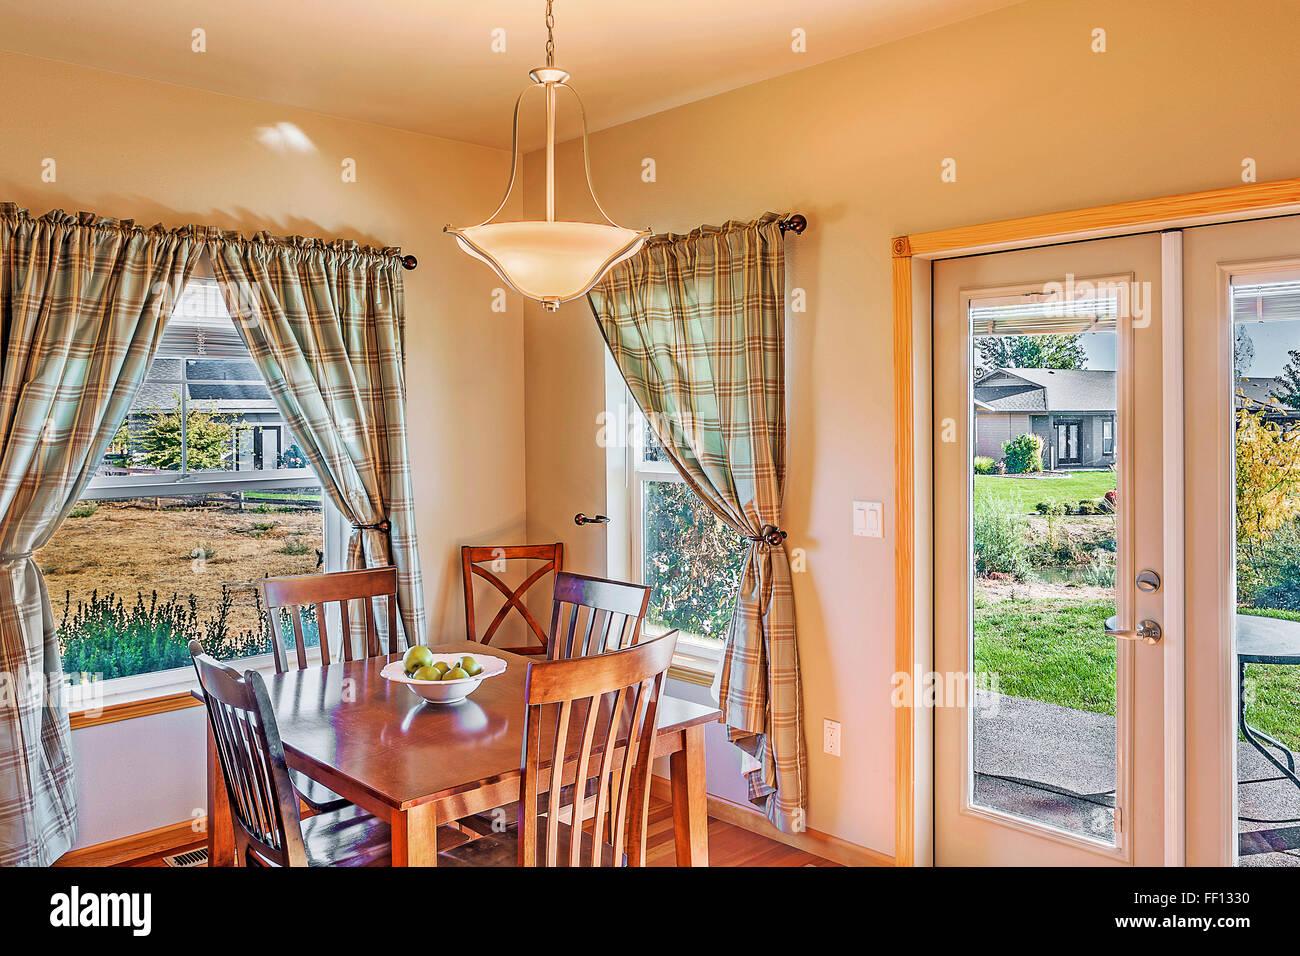 Et Table à manger dans windows Photo Stock